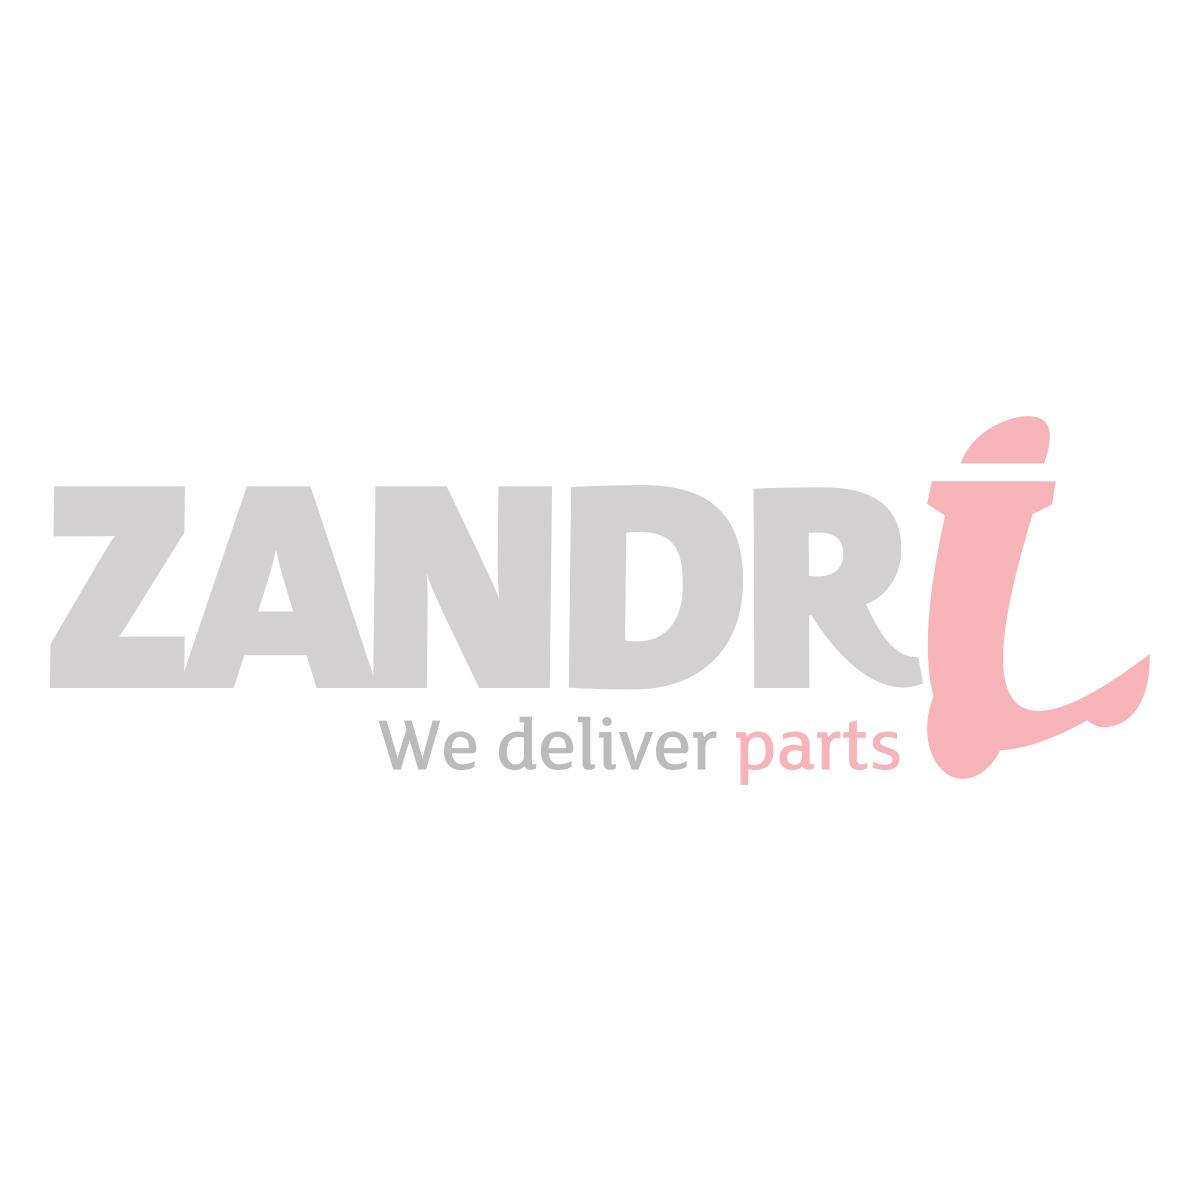 zuiger Suzukier/sr2000/sr2000dit/tsx/zr 41.75mm DMP